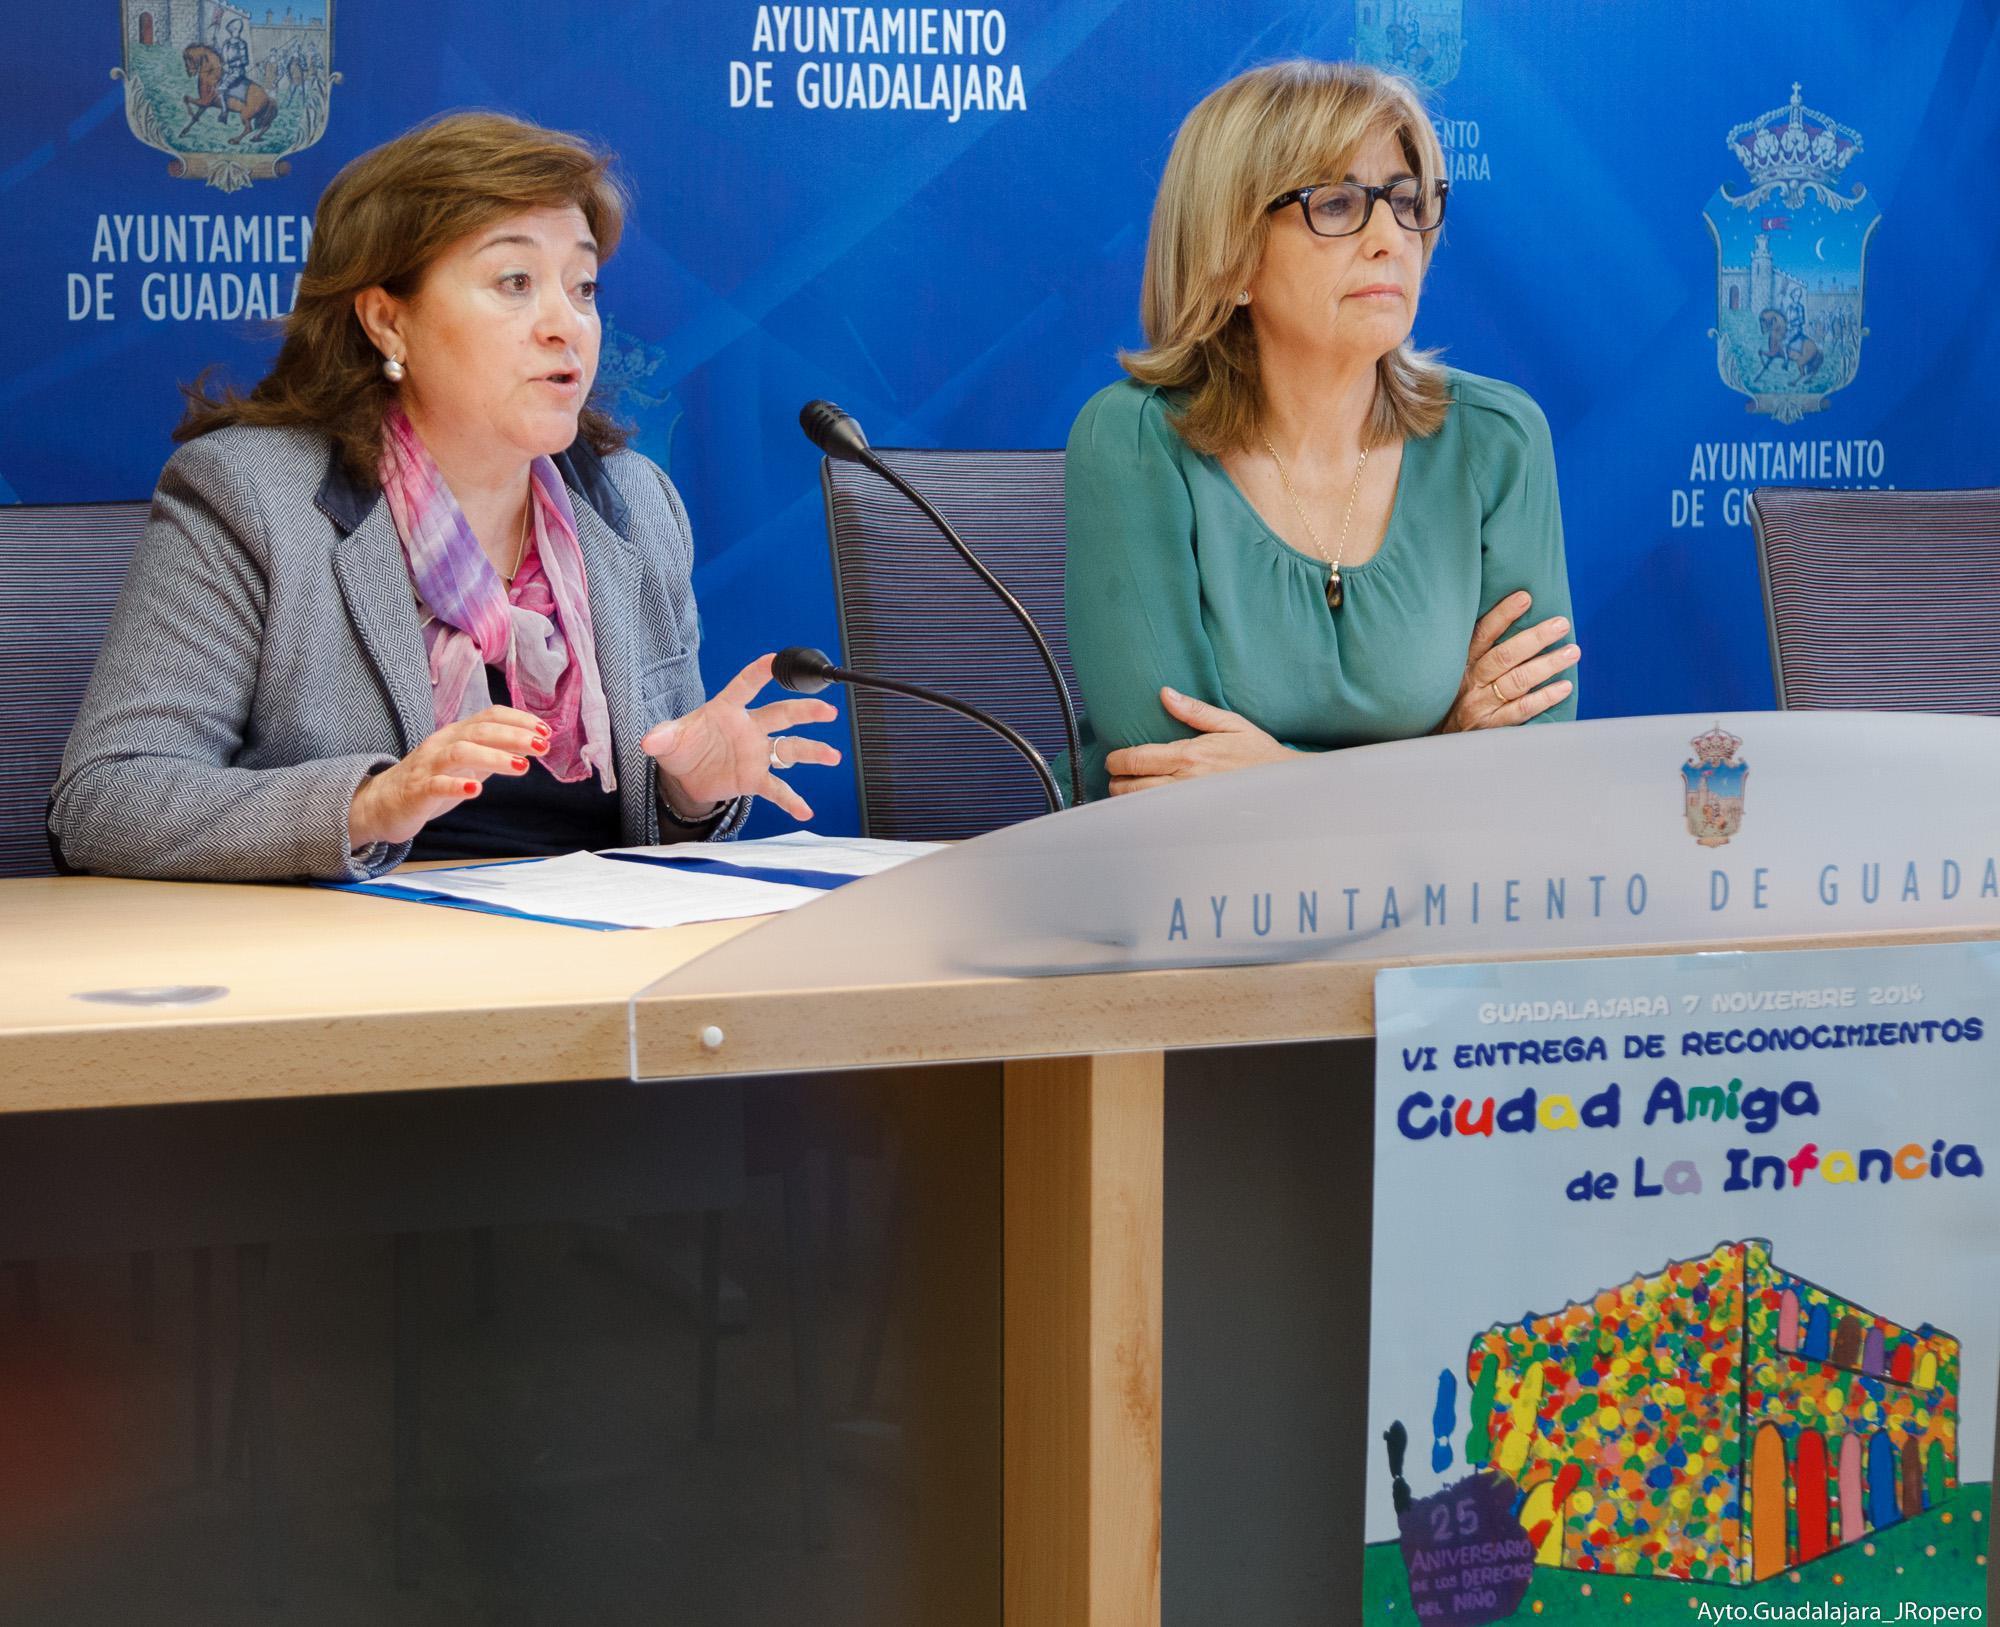 Guadalajara, anfitriona de la 6ª edición de entrega de reconocimientos de Ciudad Amiga de la Infancia